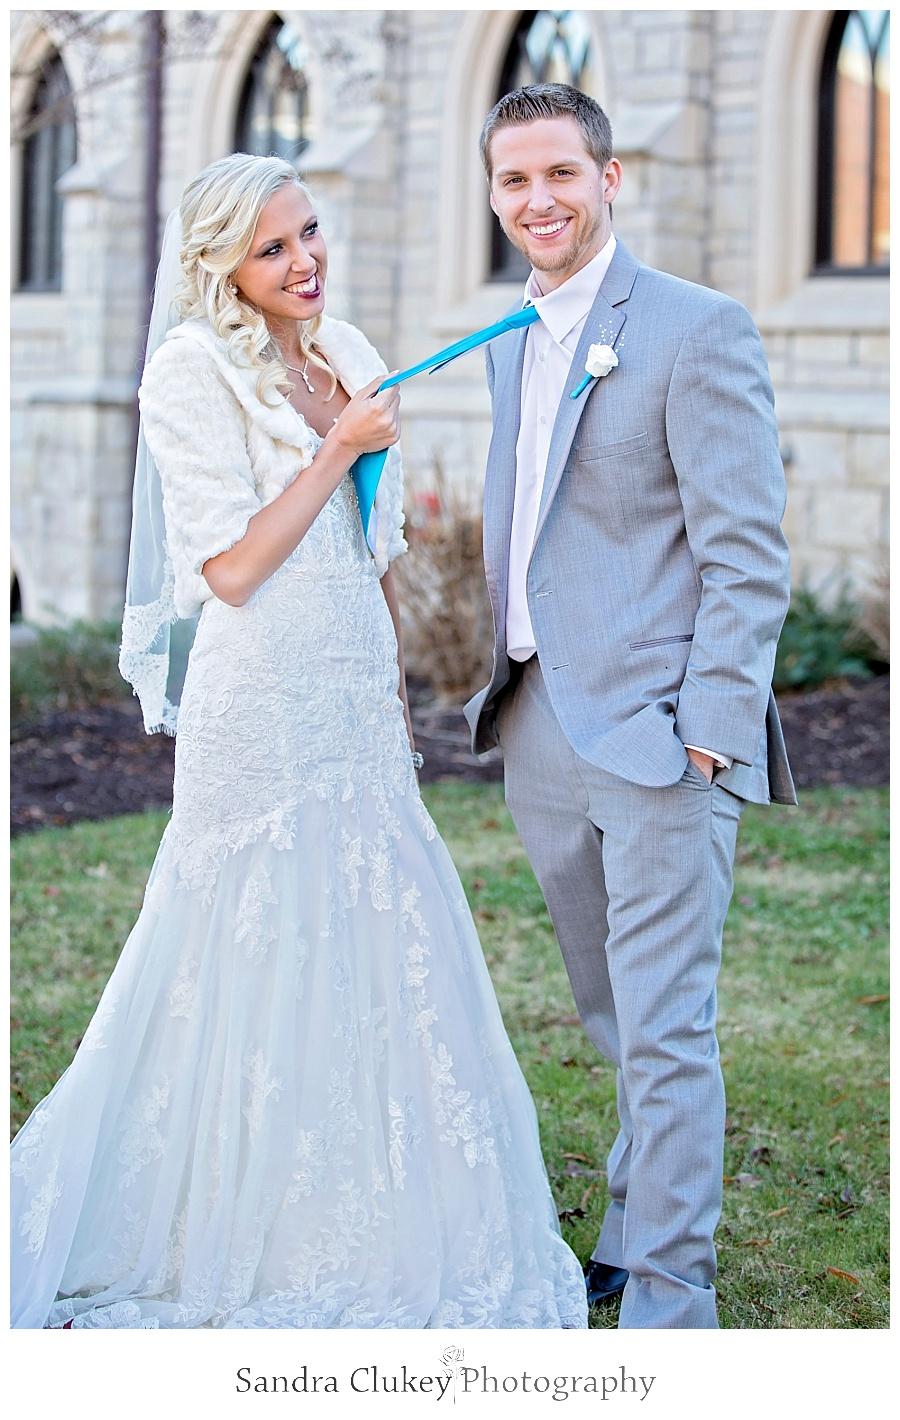 Bride grabs grooms tie